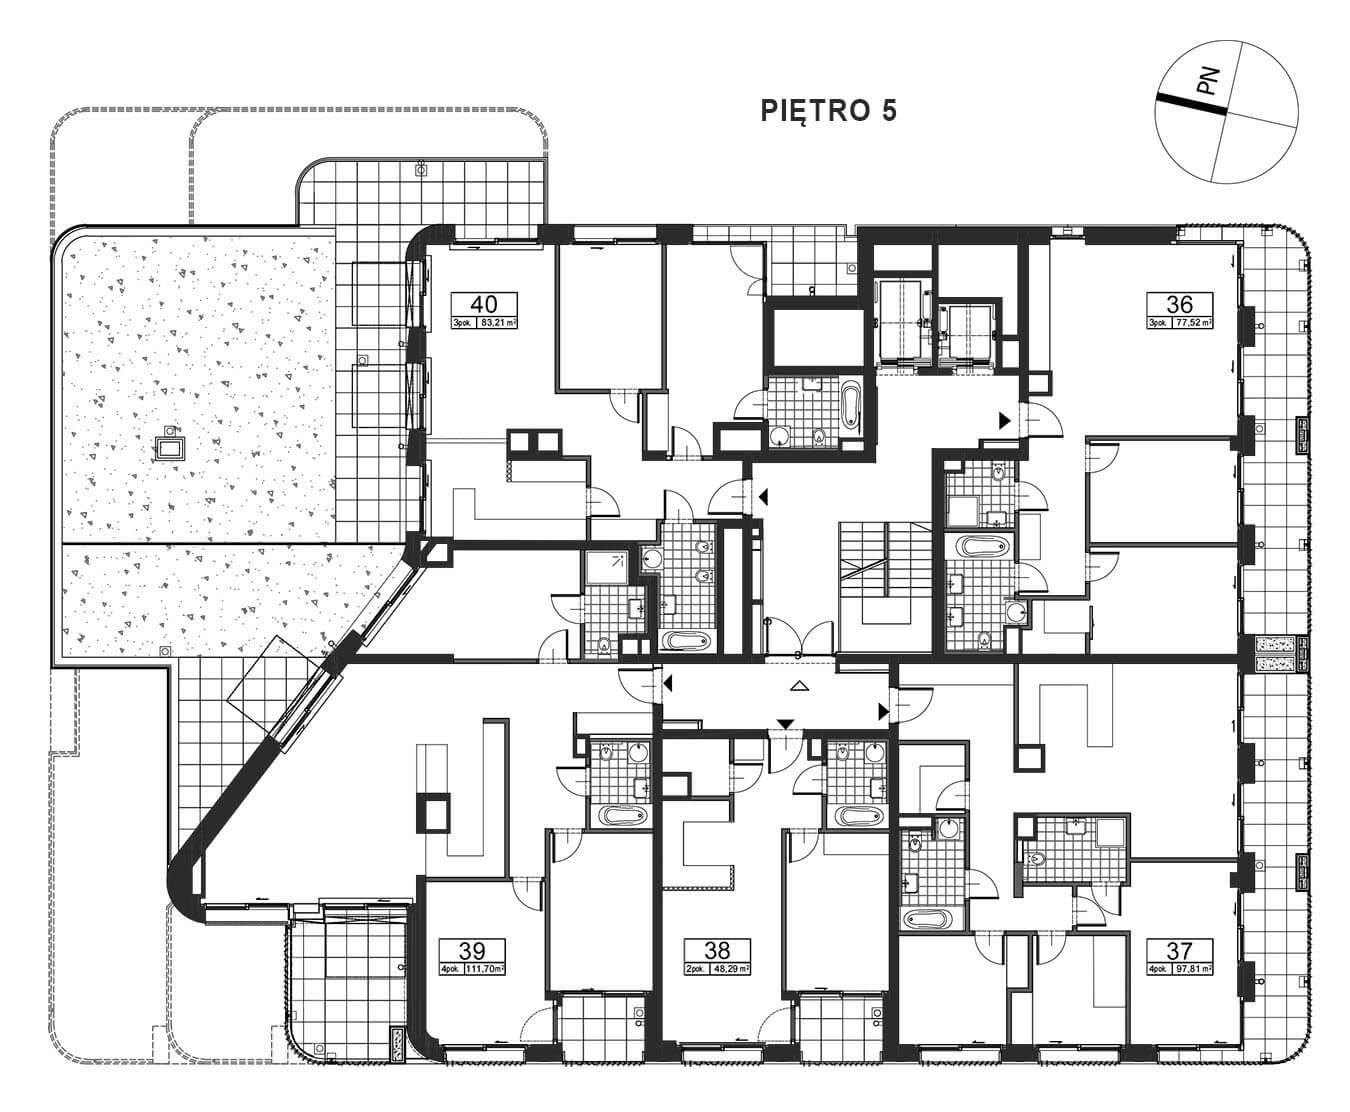 Górnośląska 6 - Piętro 5